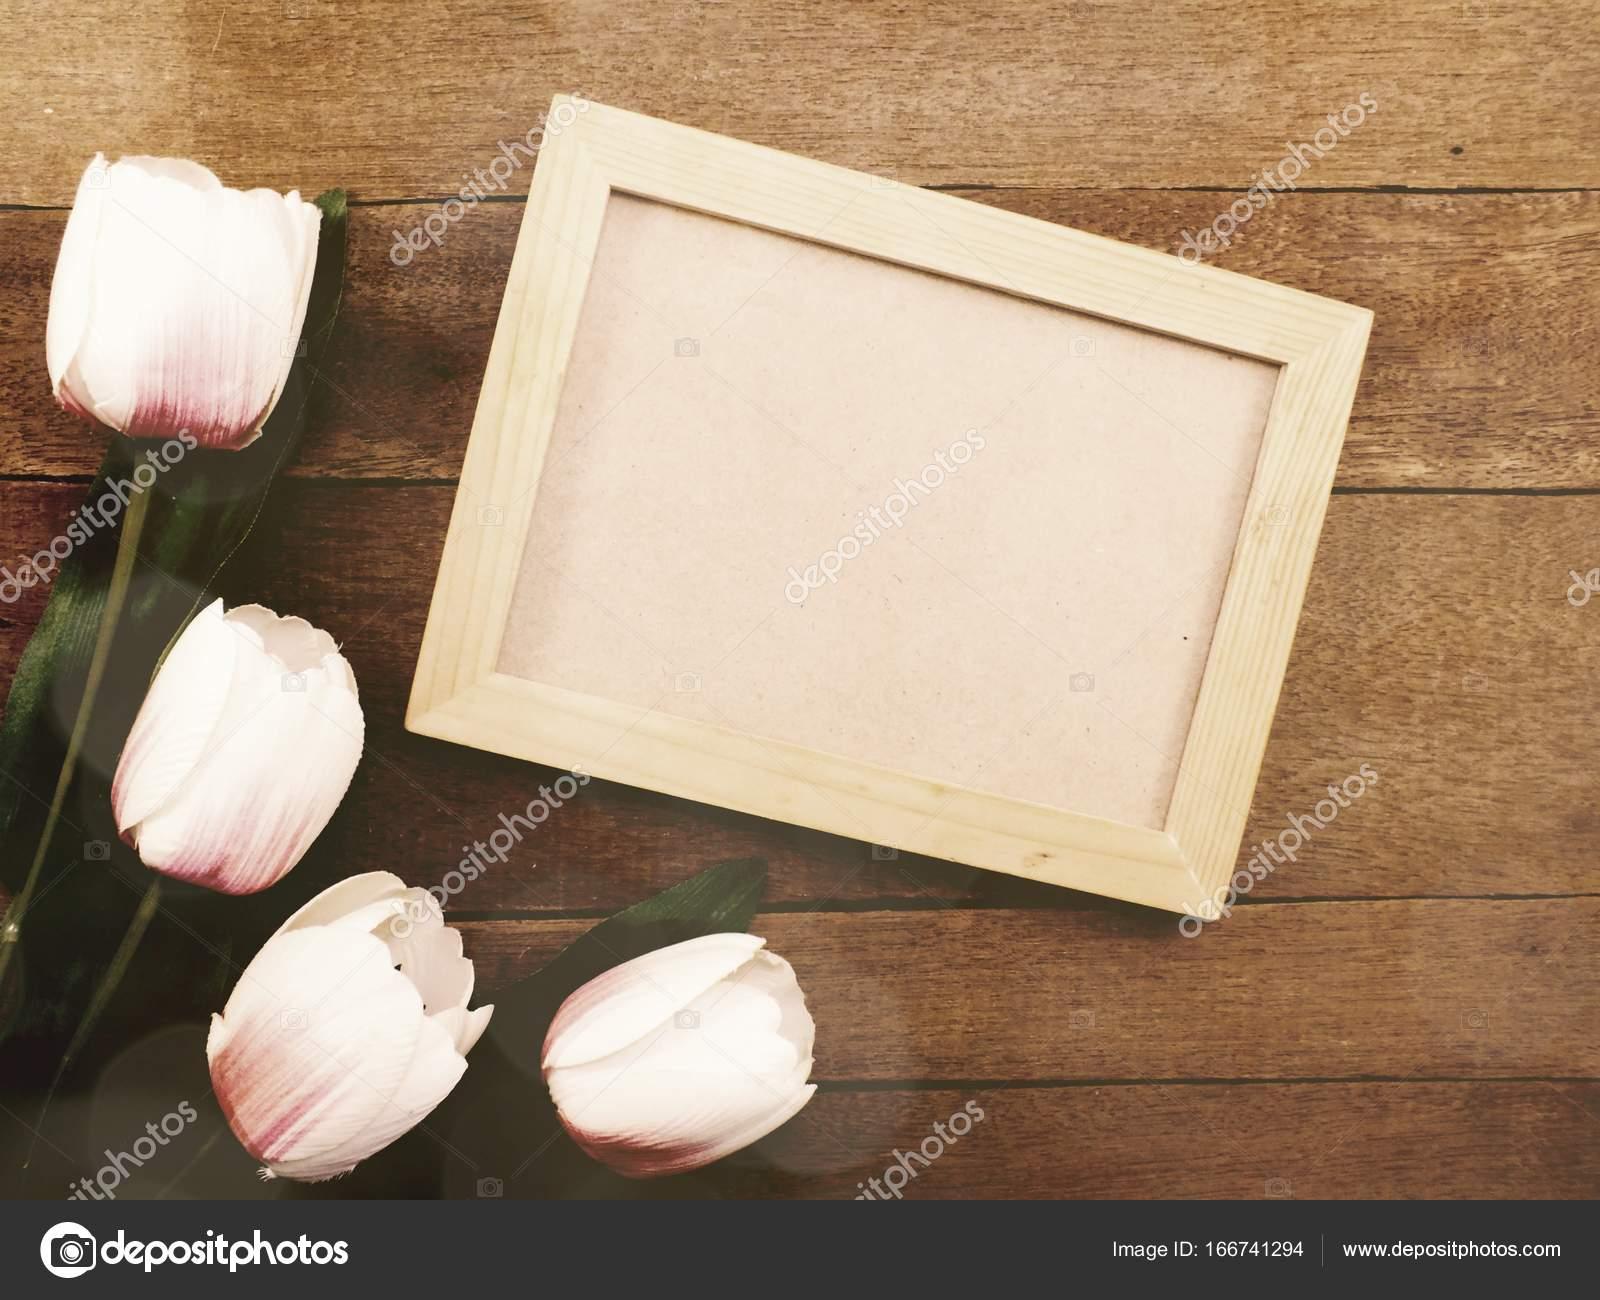 Fondo Del Espacio Fotos De Madera Marcos Decorar Con Flores